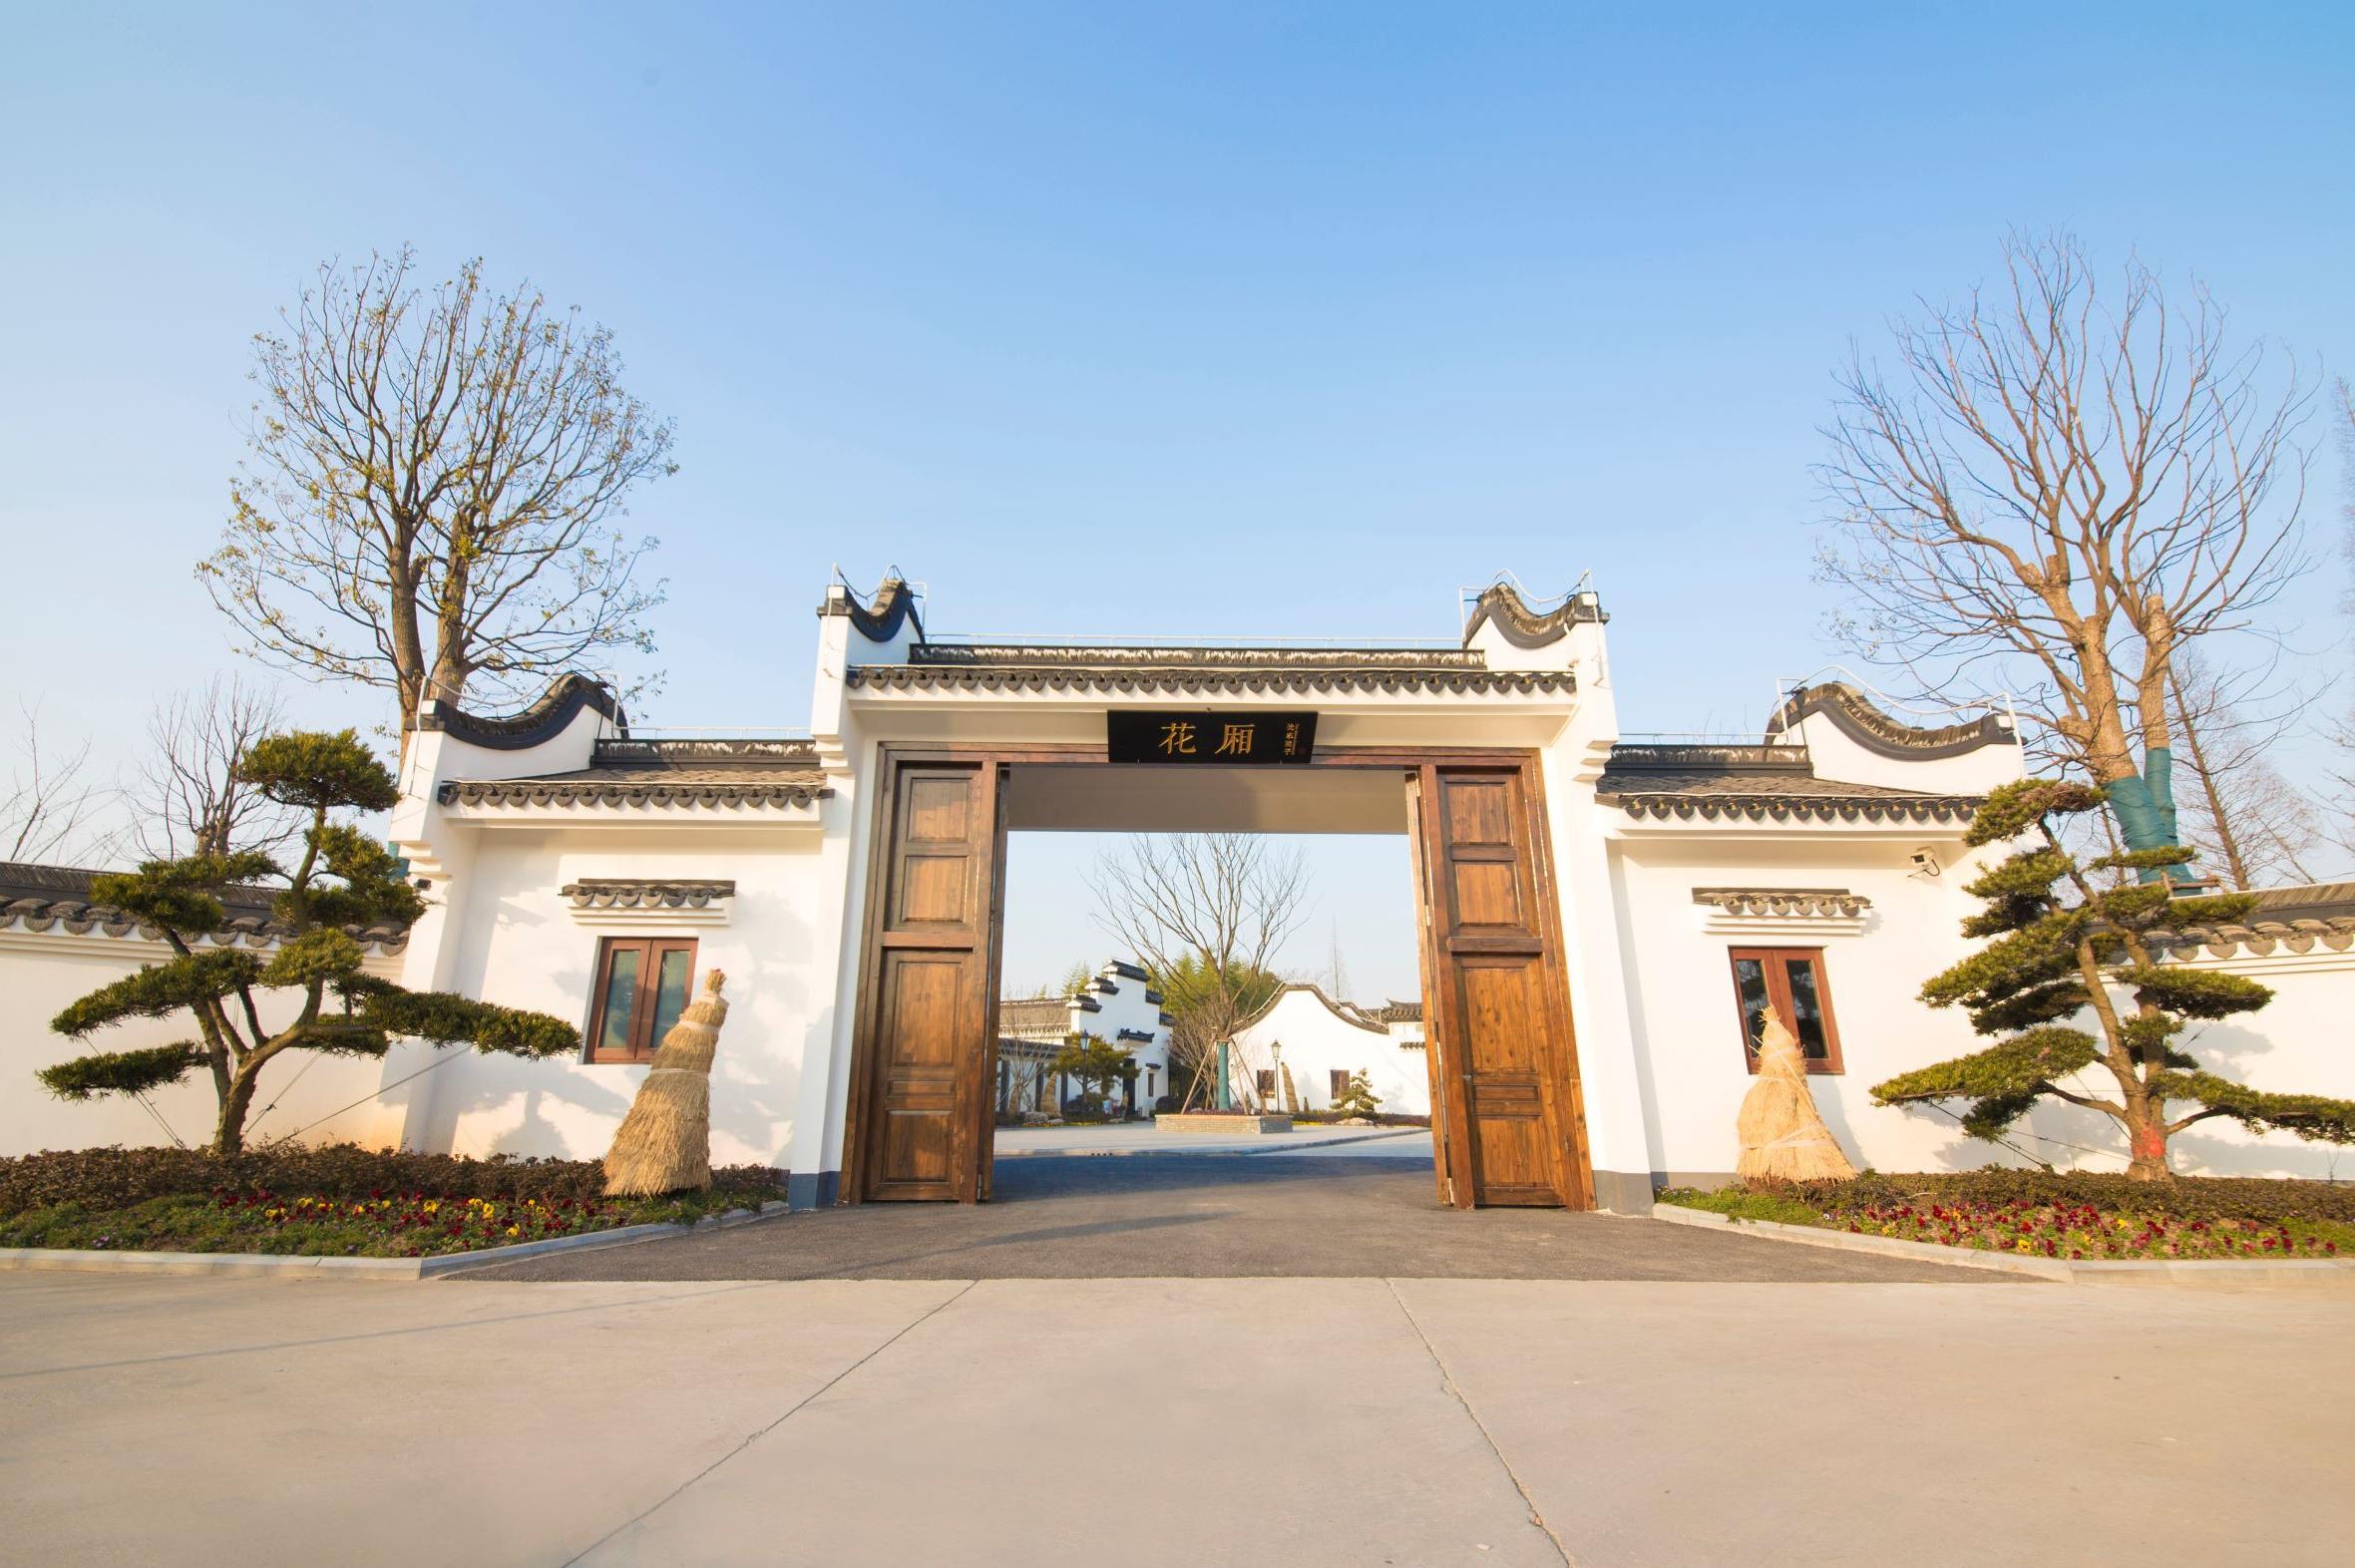 上海花厢沈家院子